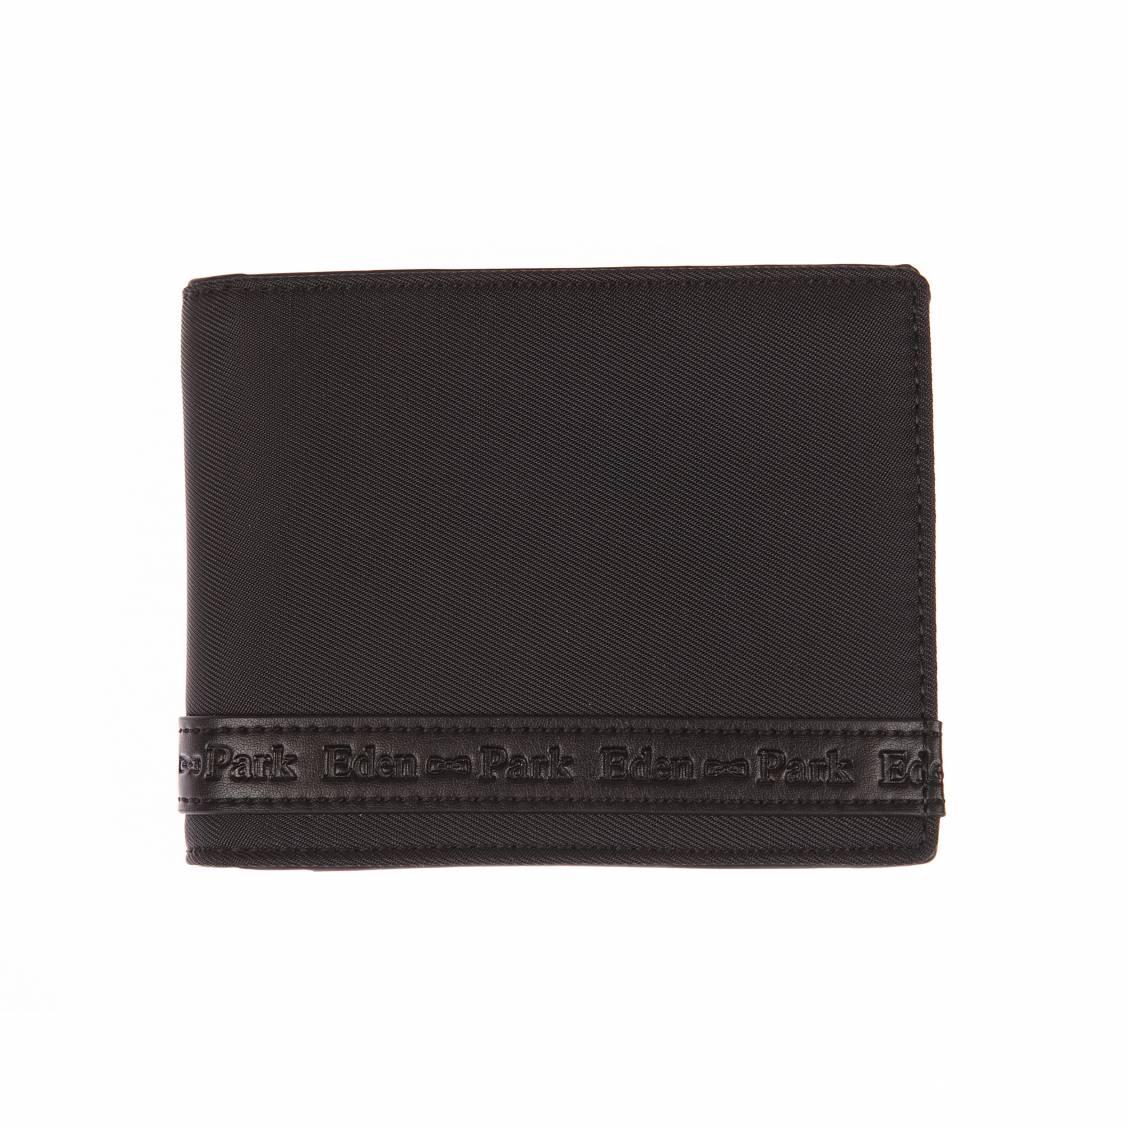 Portefeuille italien  en textile et cuir noir à bande estampillée